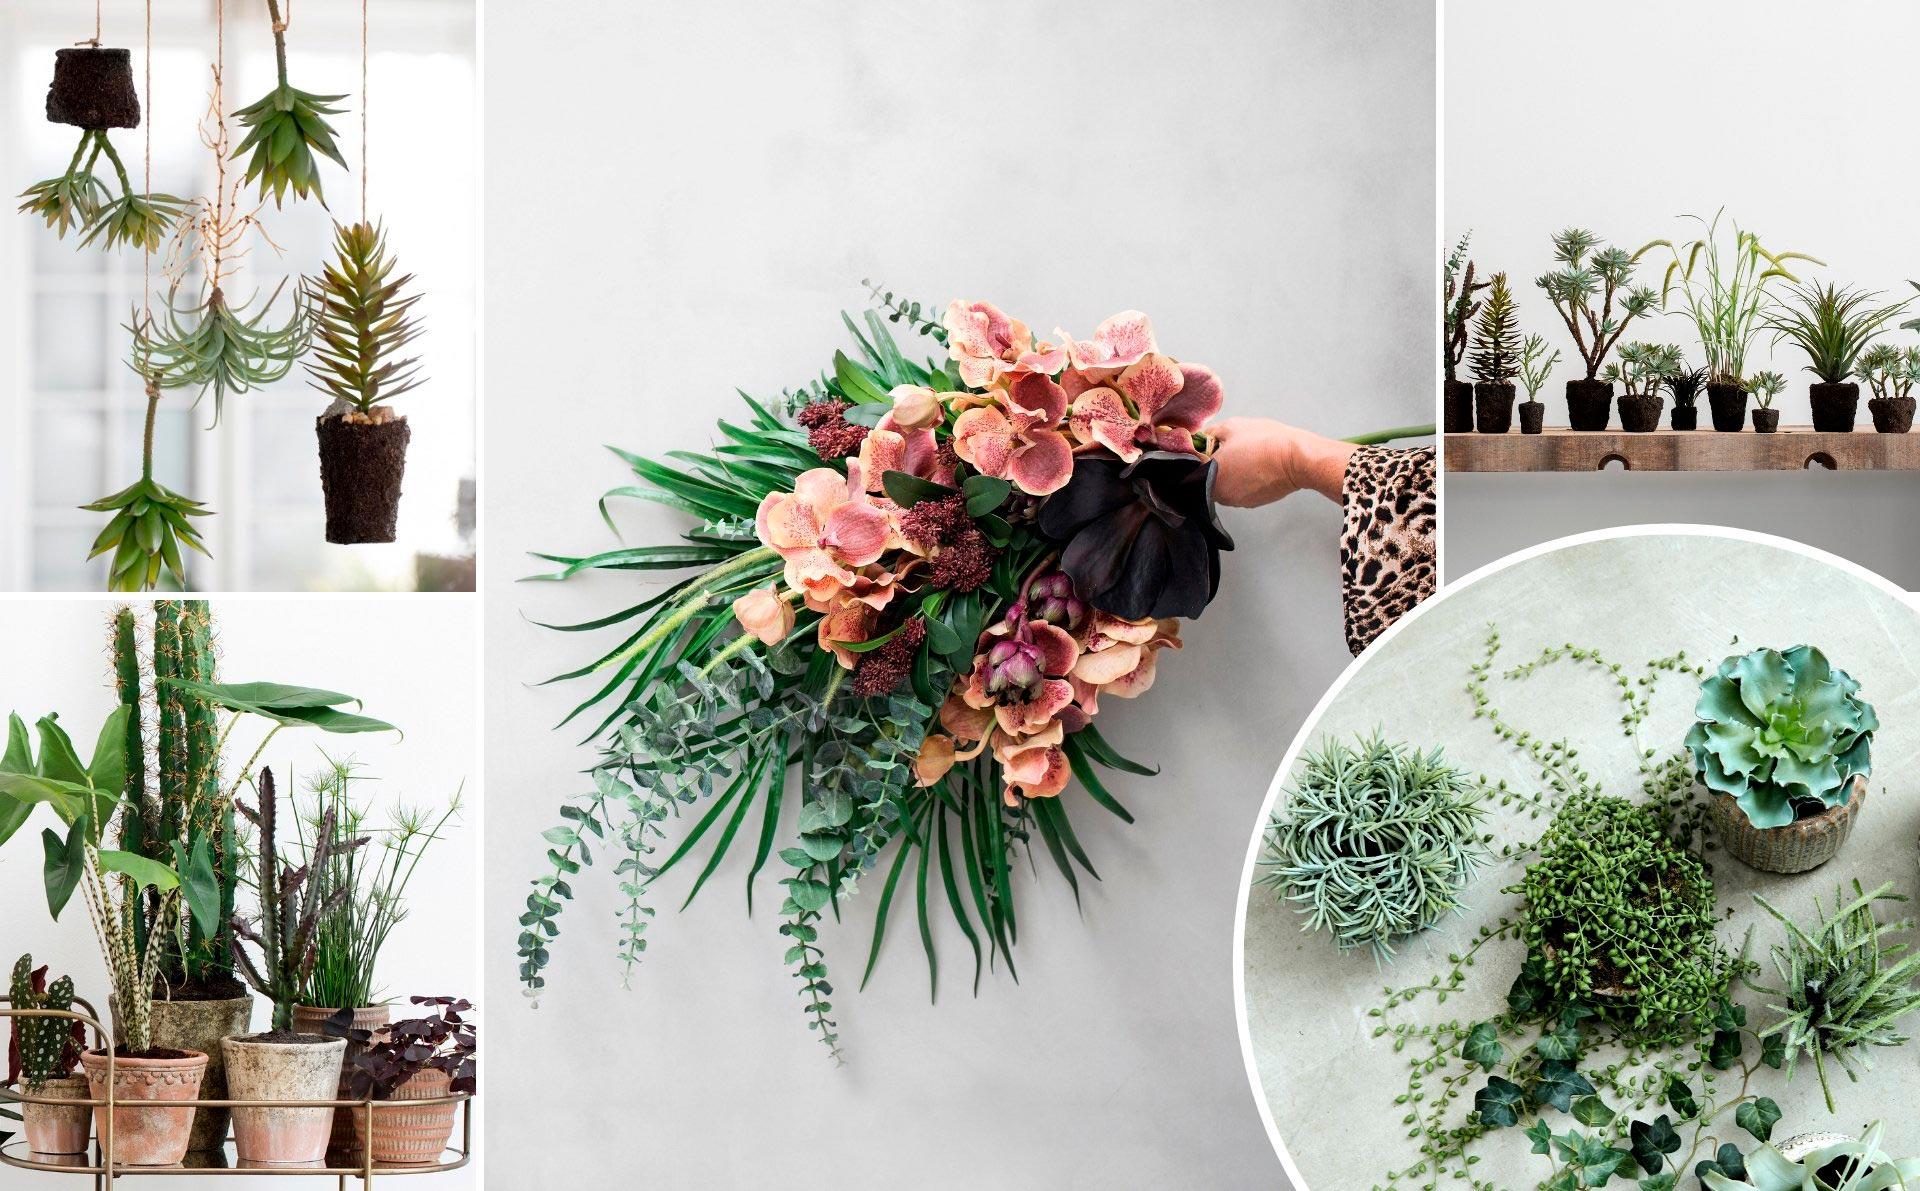 Deco_flowers_1920x1191px